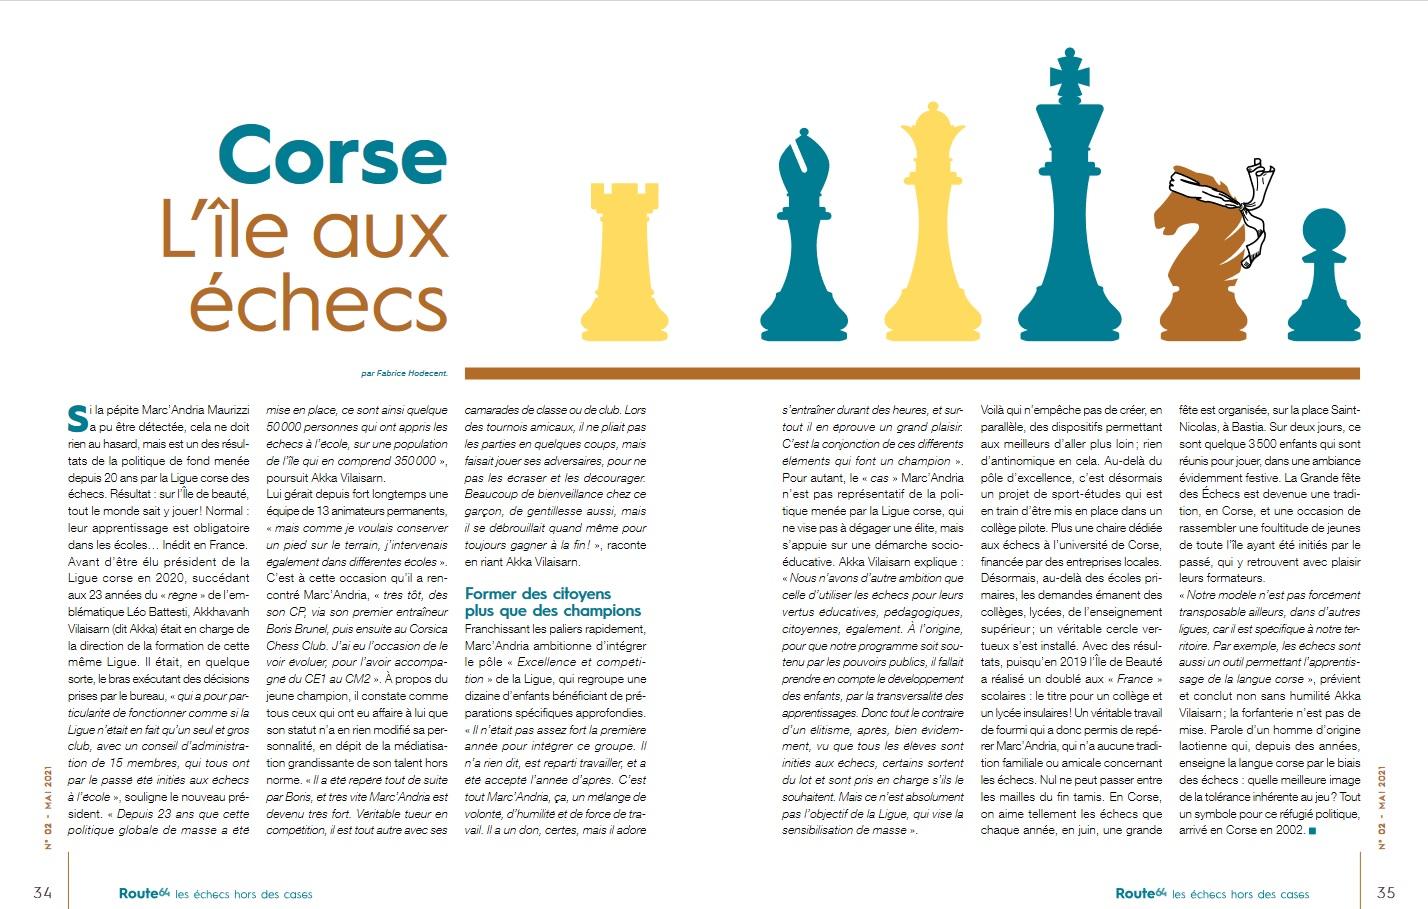 La Ligue Corse des Echecs à l'honneur dans la revue « Route 64 » !